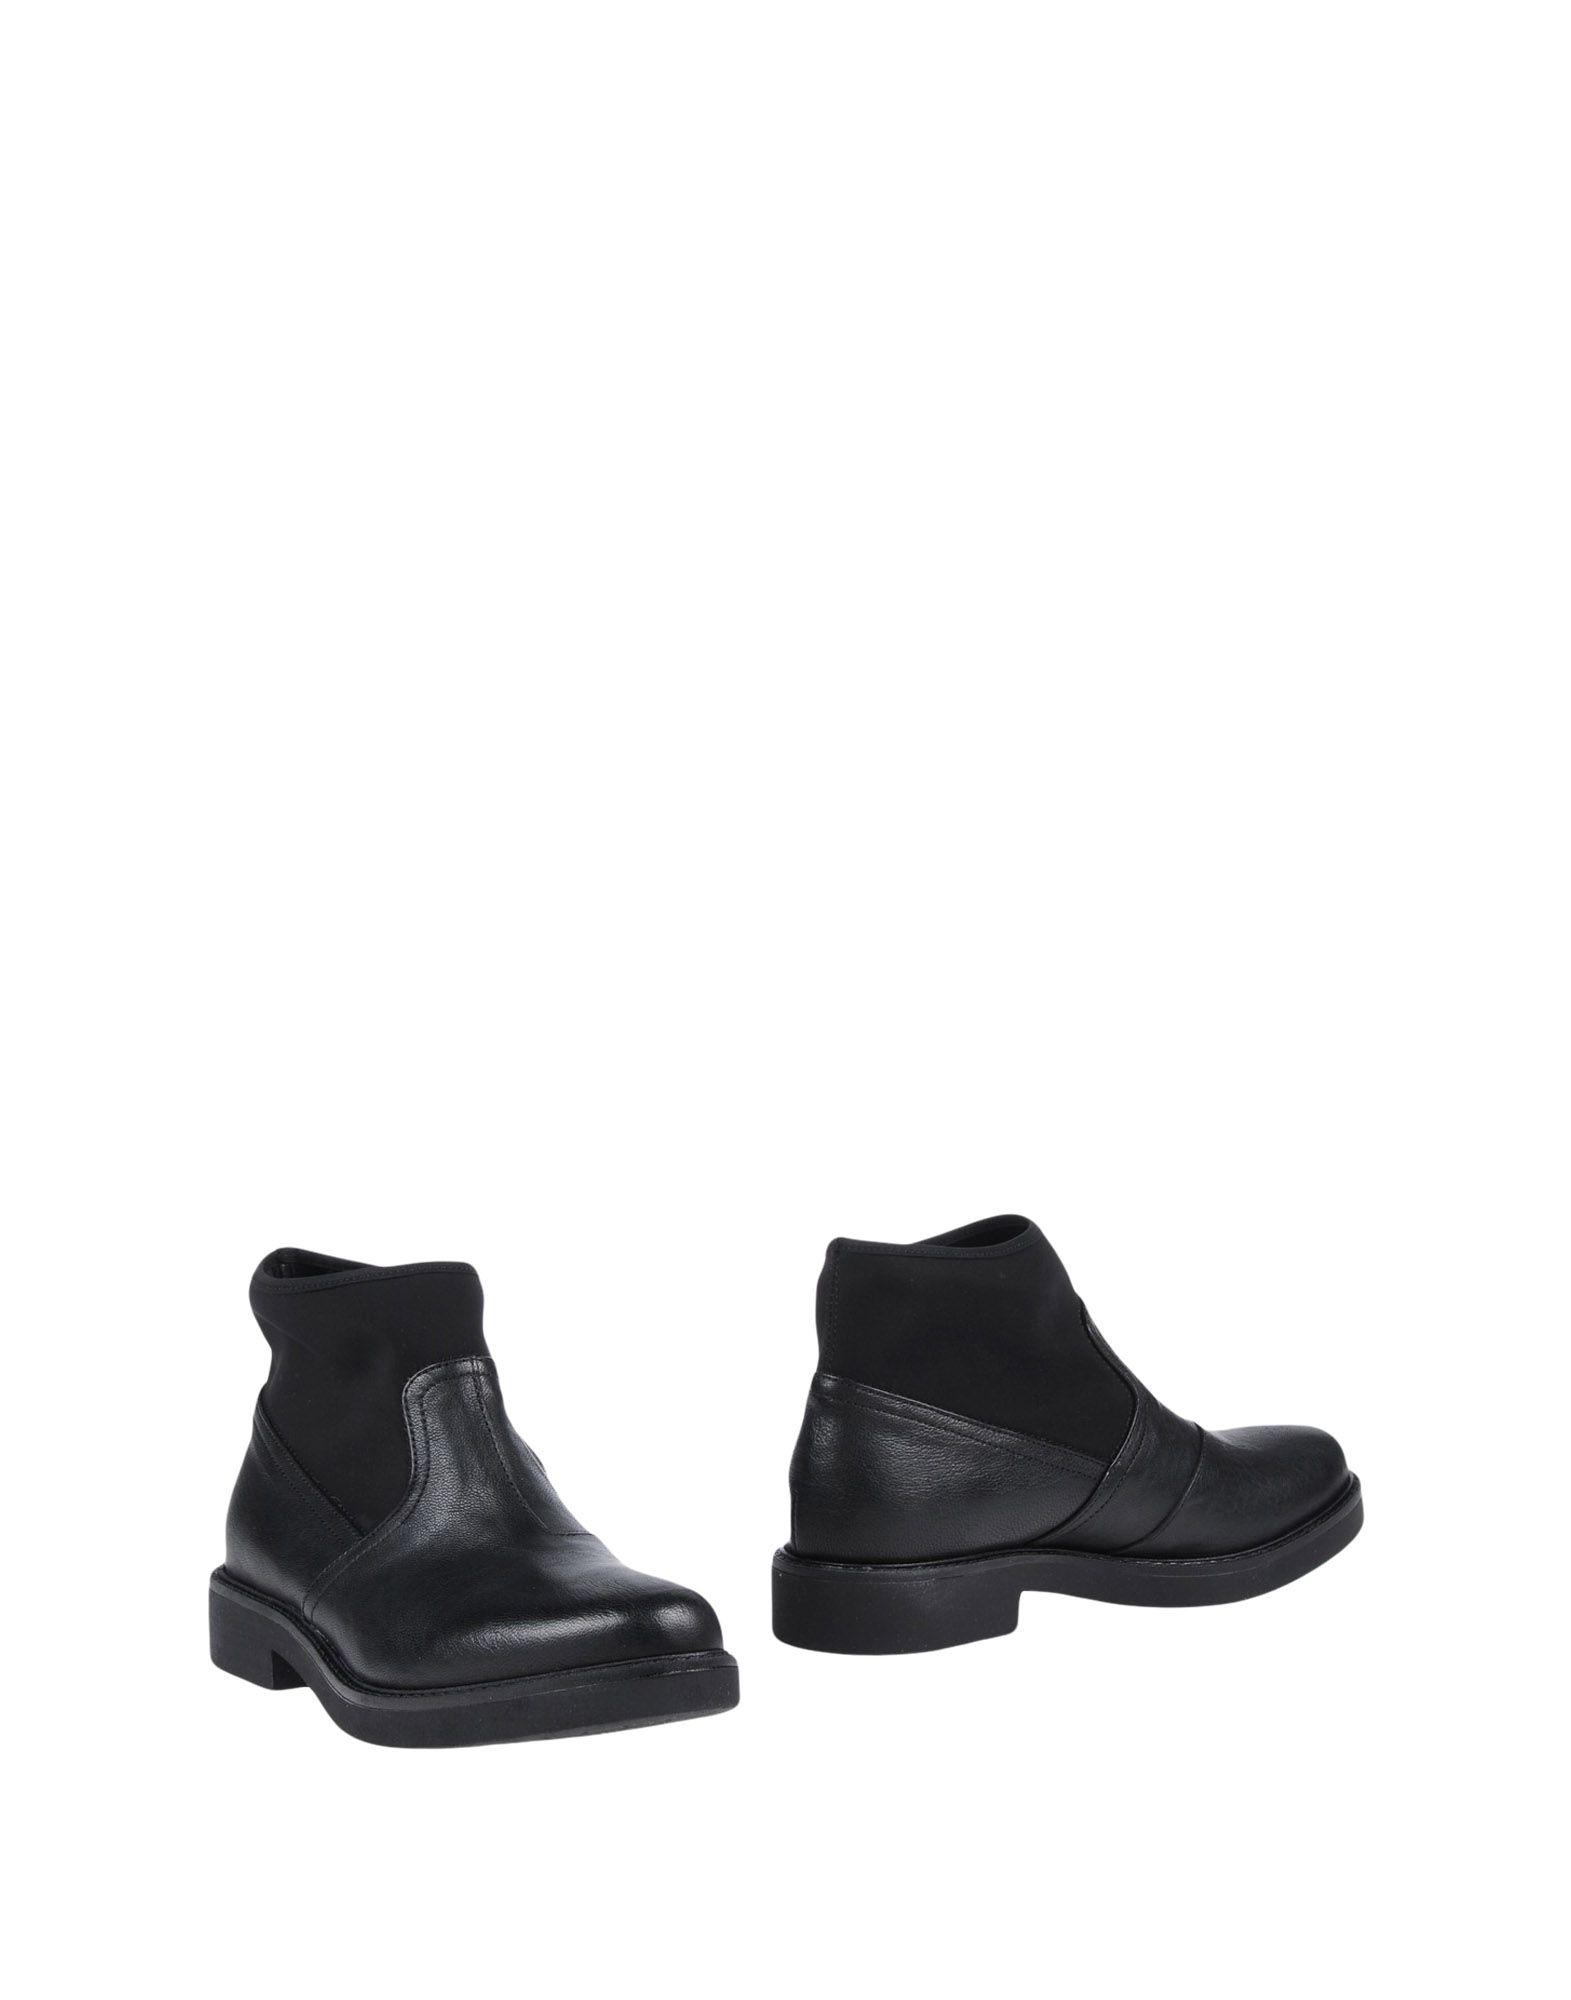 Oroscuro Stiefelette Damen  11456388VL Gute Qualität beliebte Schuhe